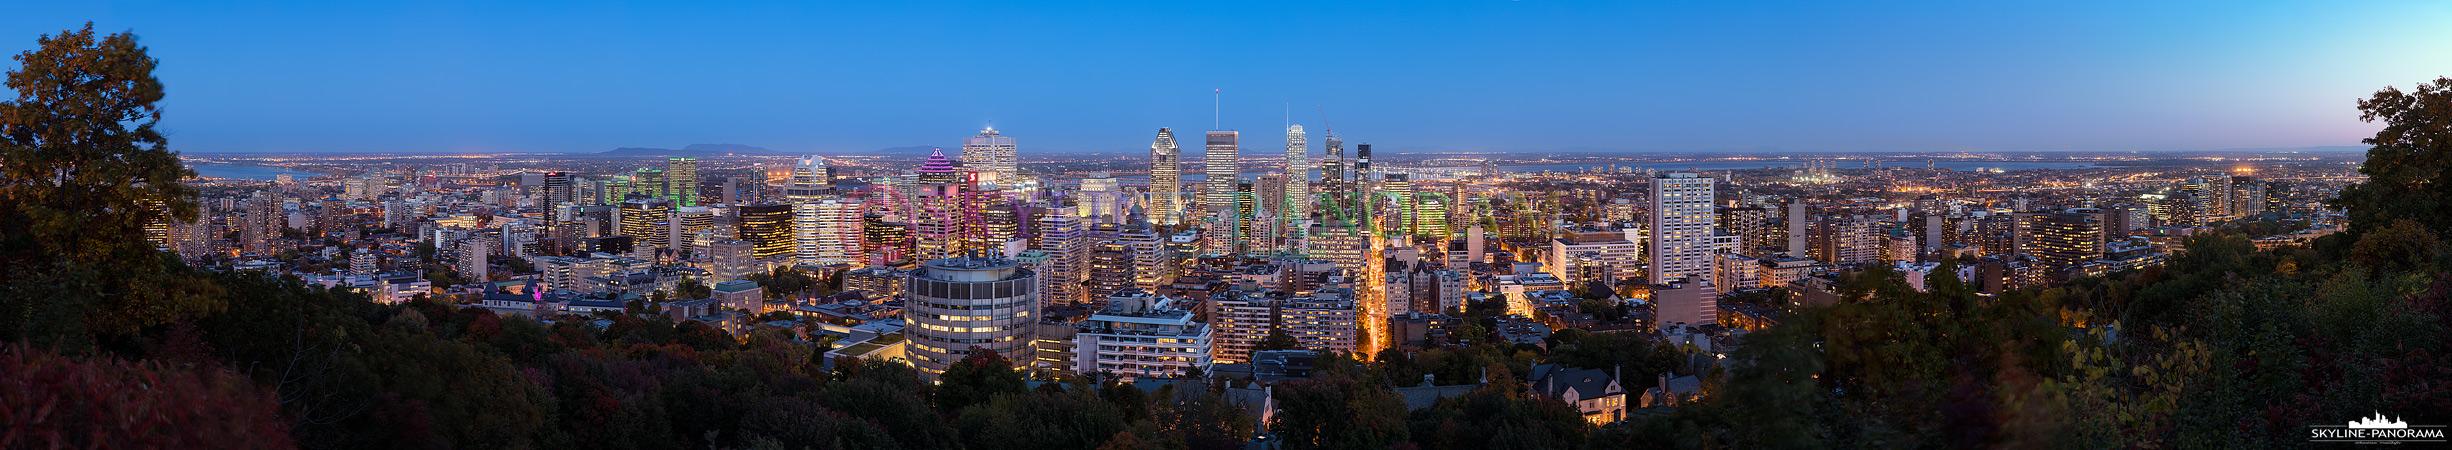 Panorama Kanada - Die Skyline von Montreal mit den beleuchteten Wolkenkratzern vom Mont Royal, einem der bekanntesten Aussichtspunkte der kanadischen Metropole.